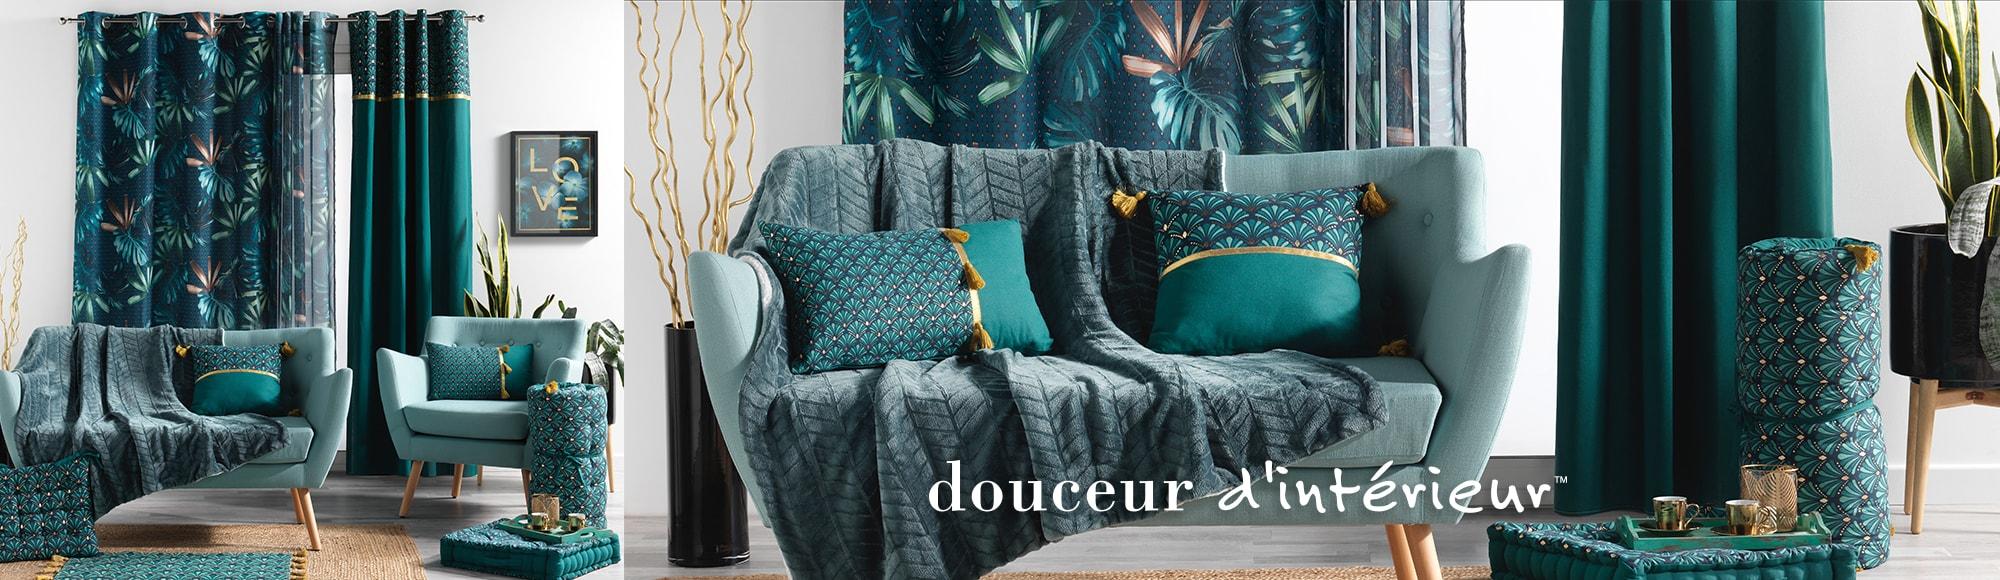 U10 - Fournisseur en décoration d'intérieur - marque douceur d'interieur - ameublement deco - theme blue garden